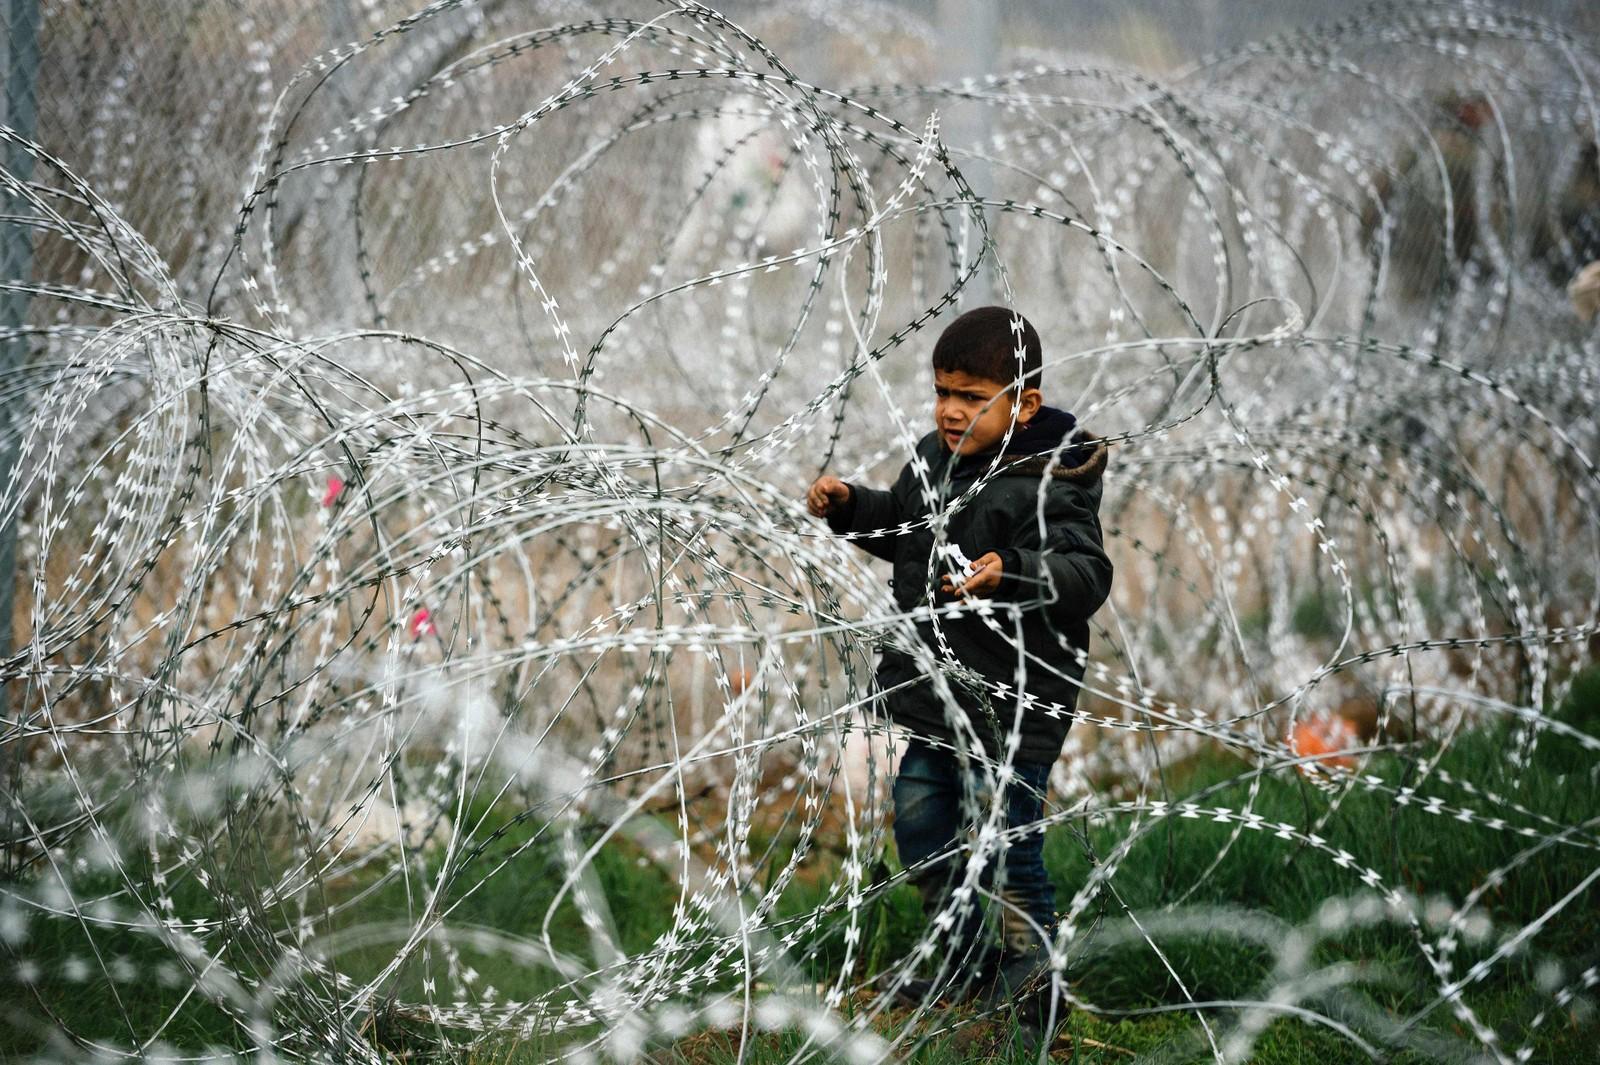 En gutt står mellom piggtrådgjerder nær den gresk-makedonske grensa. Tusener av mennesker oppholdt seg nær den greske byen Idomeni i håp om å få krysse grensa til Makedonia.